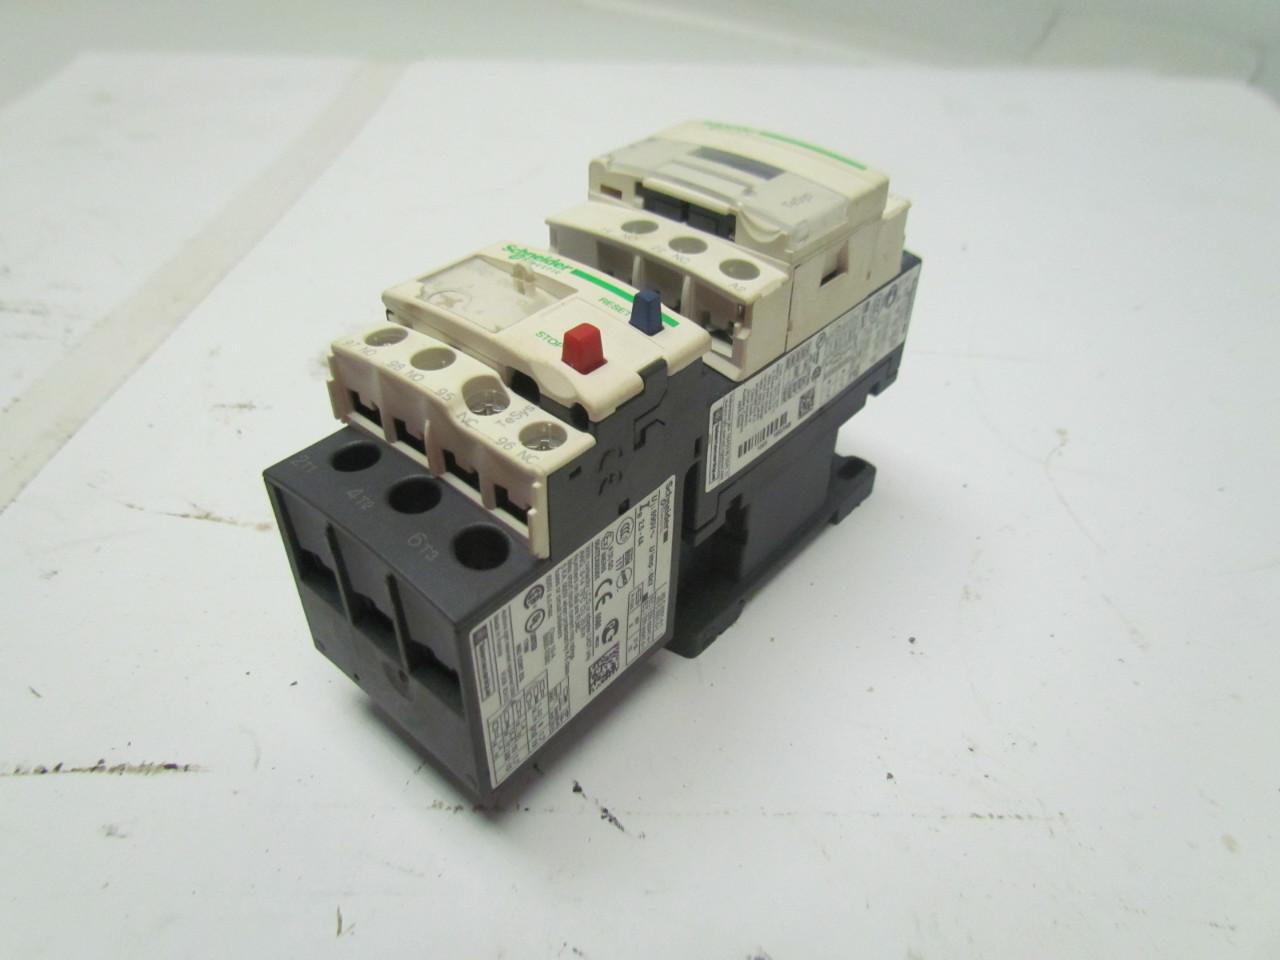 Schneider telemecanique lc1 d18 lrd 08 18a 3 pole contactor motor starter ebay Telemecanique motor starter